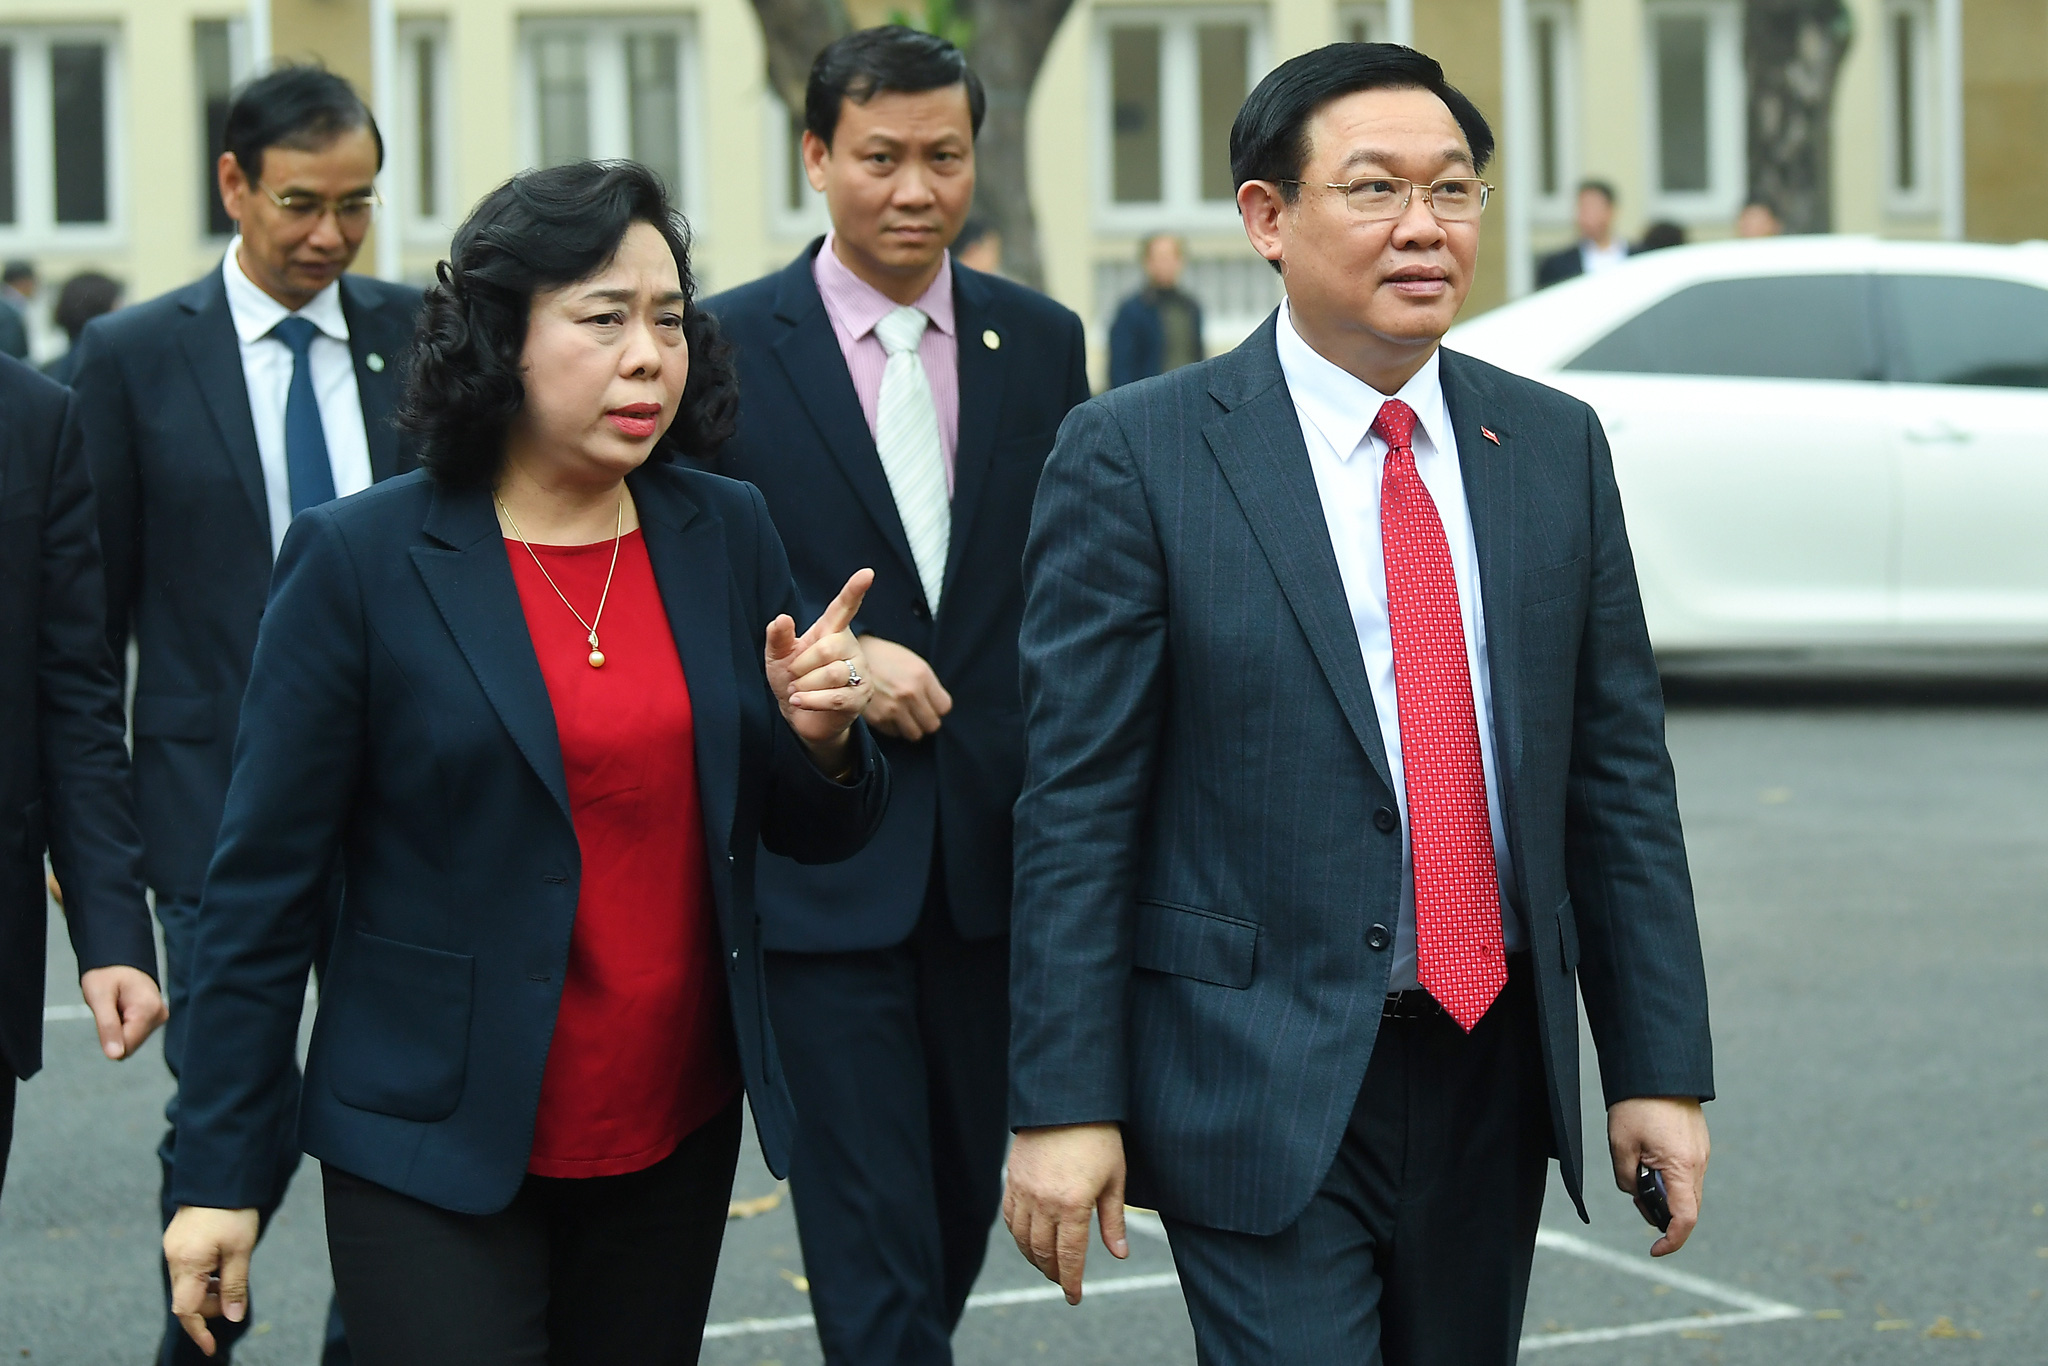 (ẢNH) Toàn cảnh lễ nhận quyết định Bí thư Thành ủy Hà Nội của Phó Thủ tướng Vương Đình Huệ - Ảnh 15.